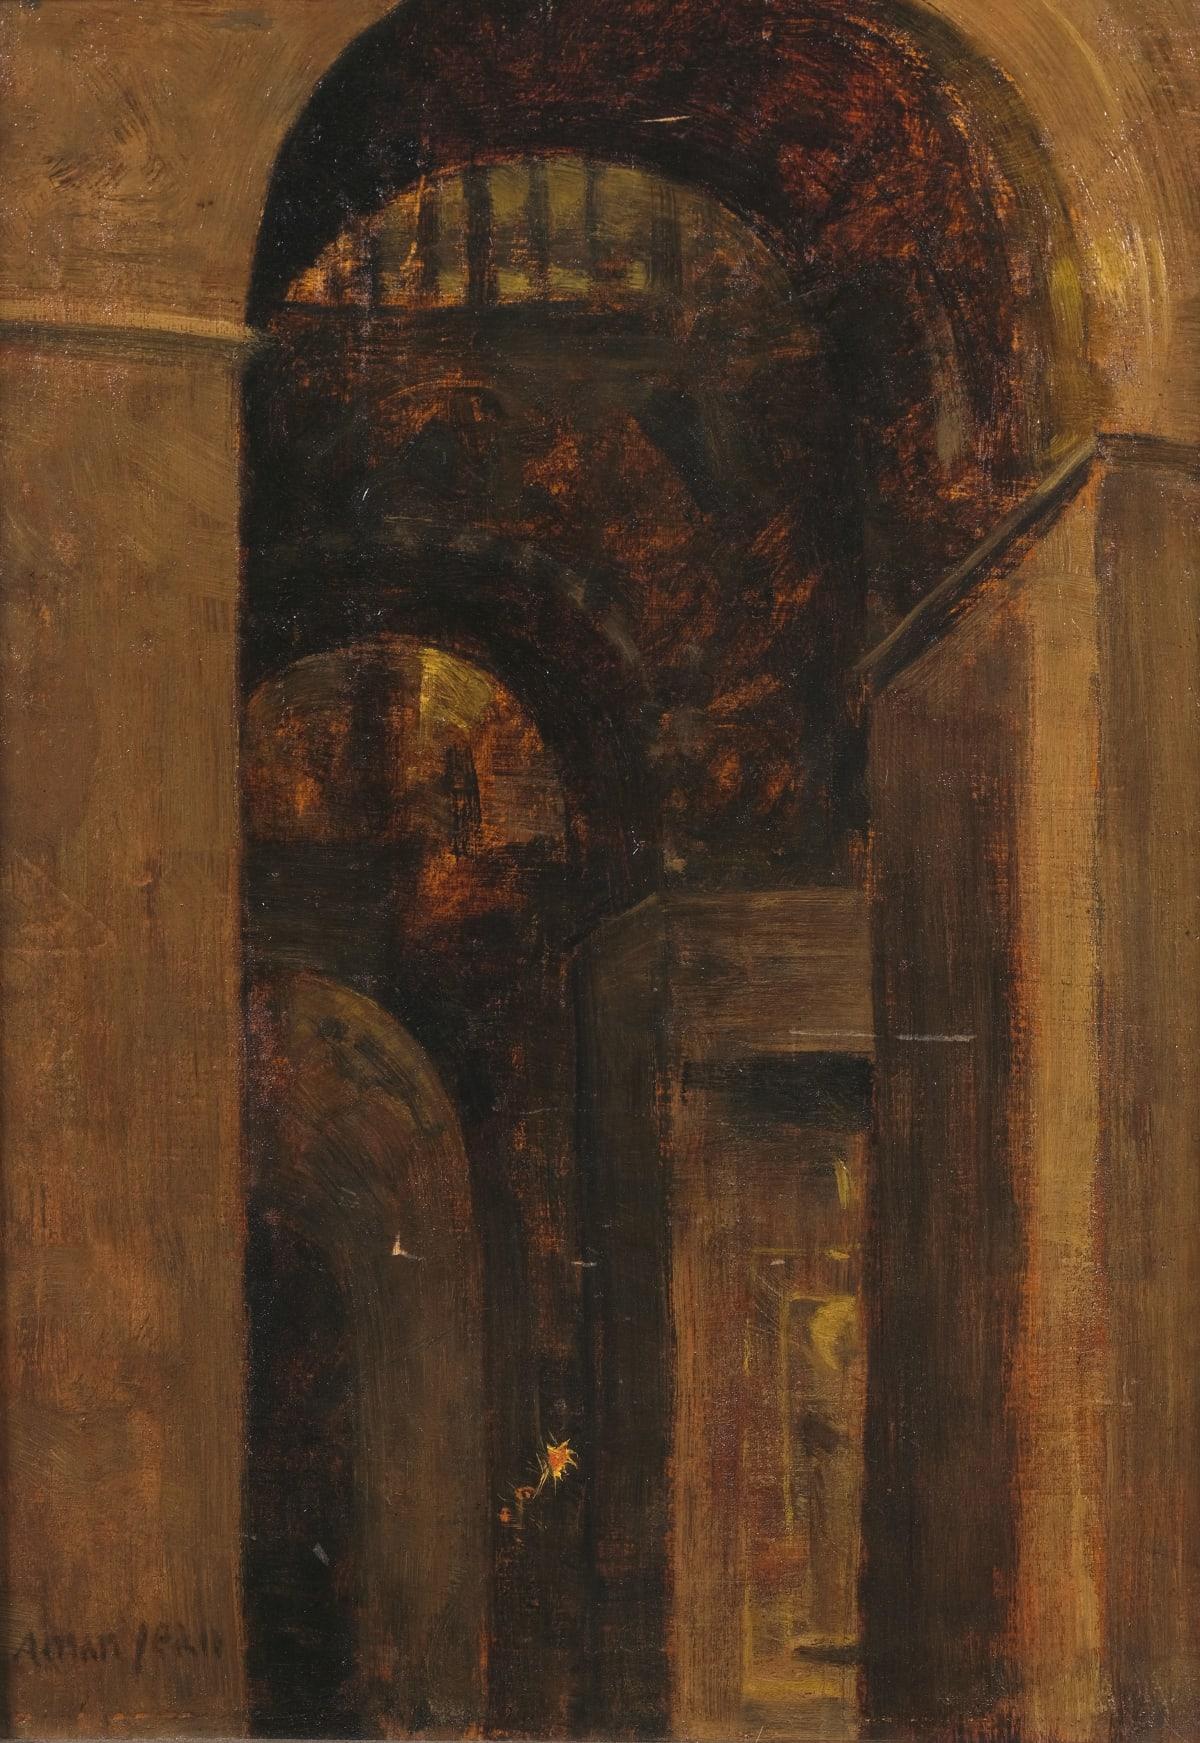 Edmond Aman-Jean Interieur d'église Huile sur panneau 35,5 x 25 cm Signé en bas à gauche